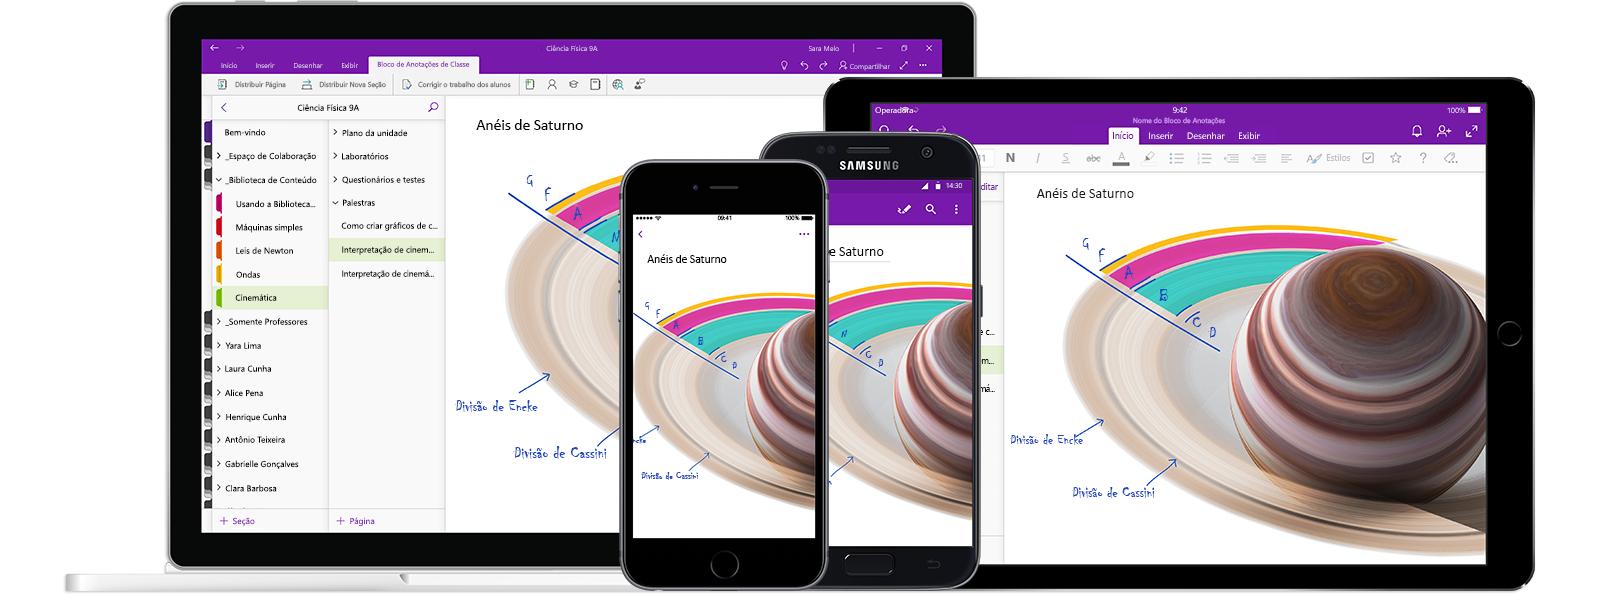 Bloco de anotações do OneNote com o título Ciência Física 9º ano, mostrando uma aula sobre gráficos lineares em dois tablets e dois smartphones